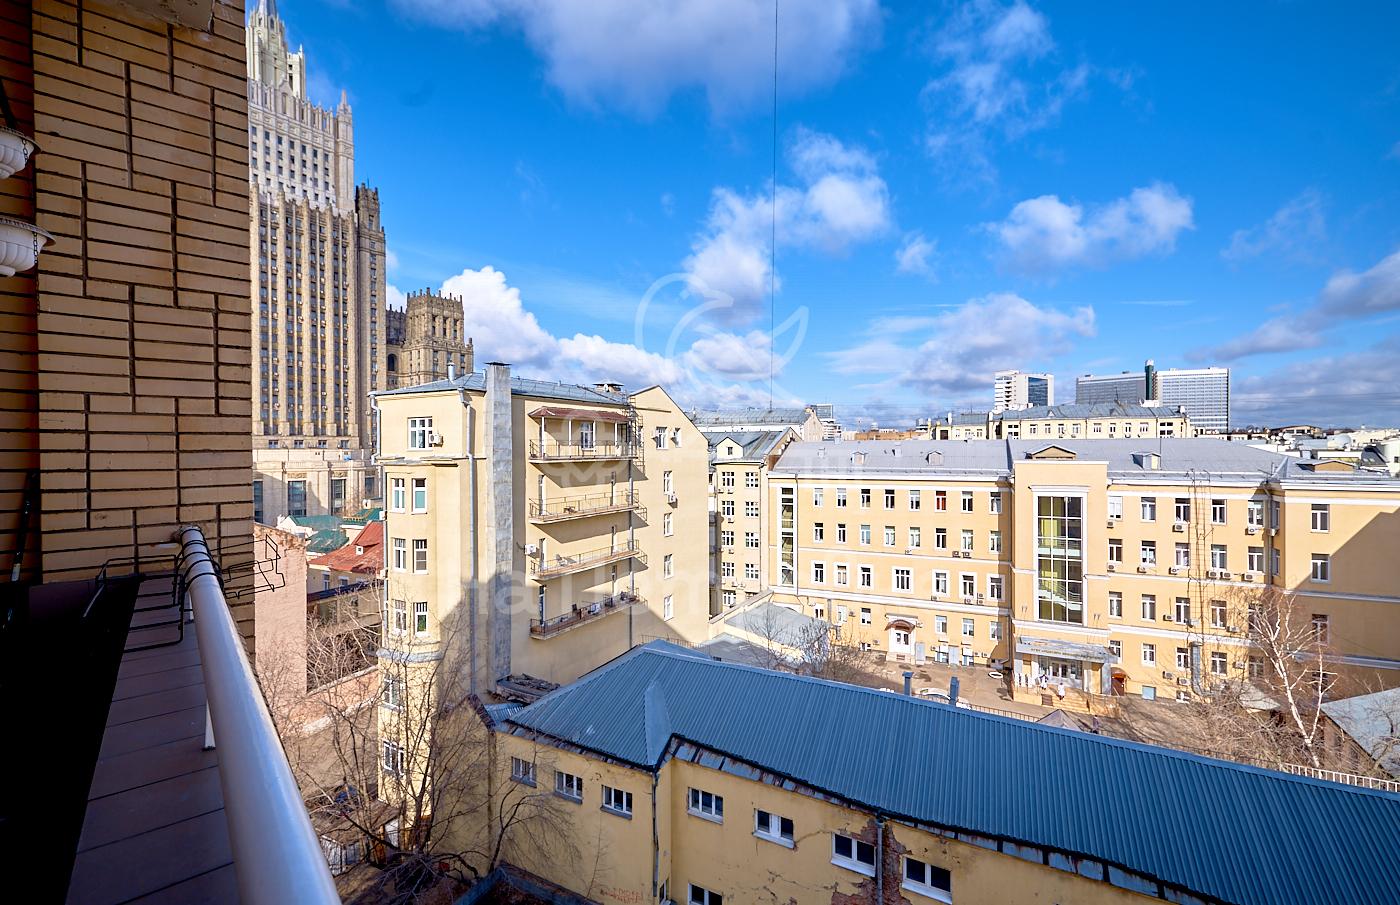 Продам 5-комн. квартиру по адресу Россия, Москва и Московская область, Москва, Плотников переулок, 13 фото 3 по выгодной цене